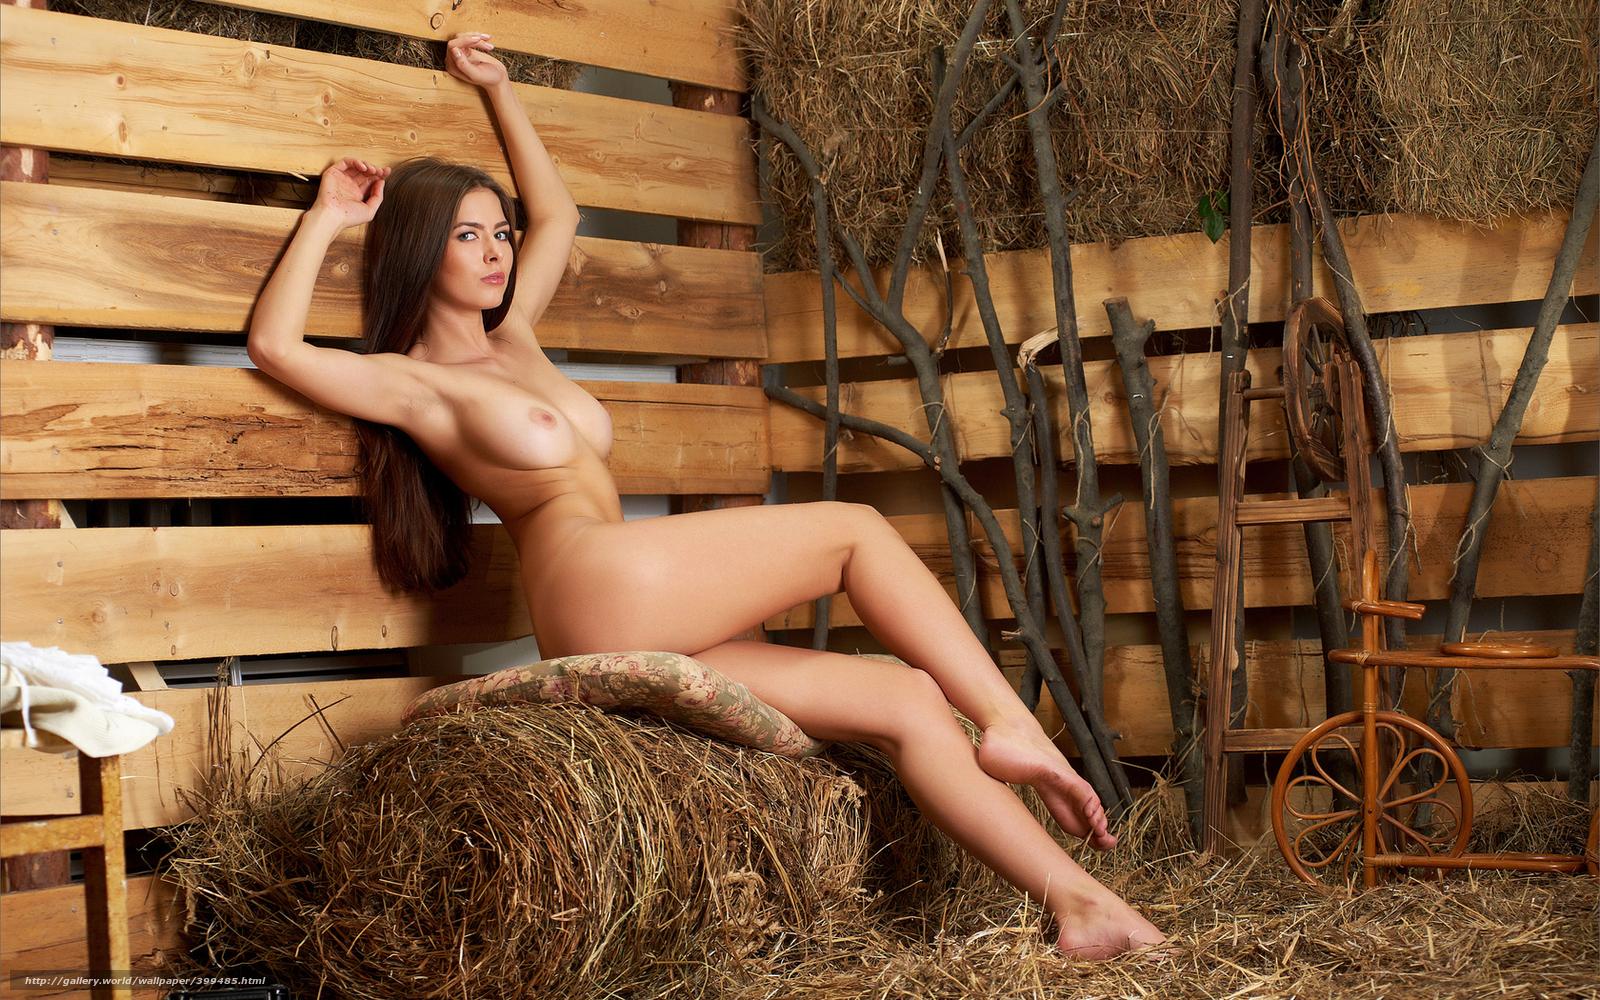 Секс с деревенской девчонкой в сарае 23 фотография